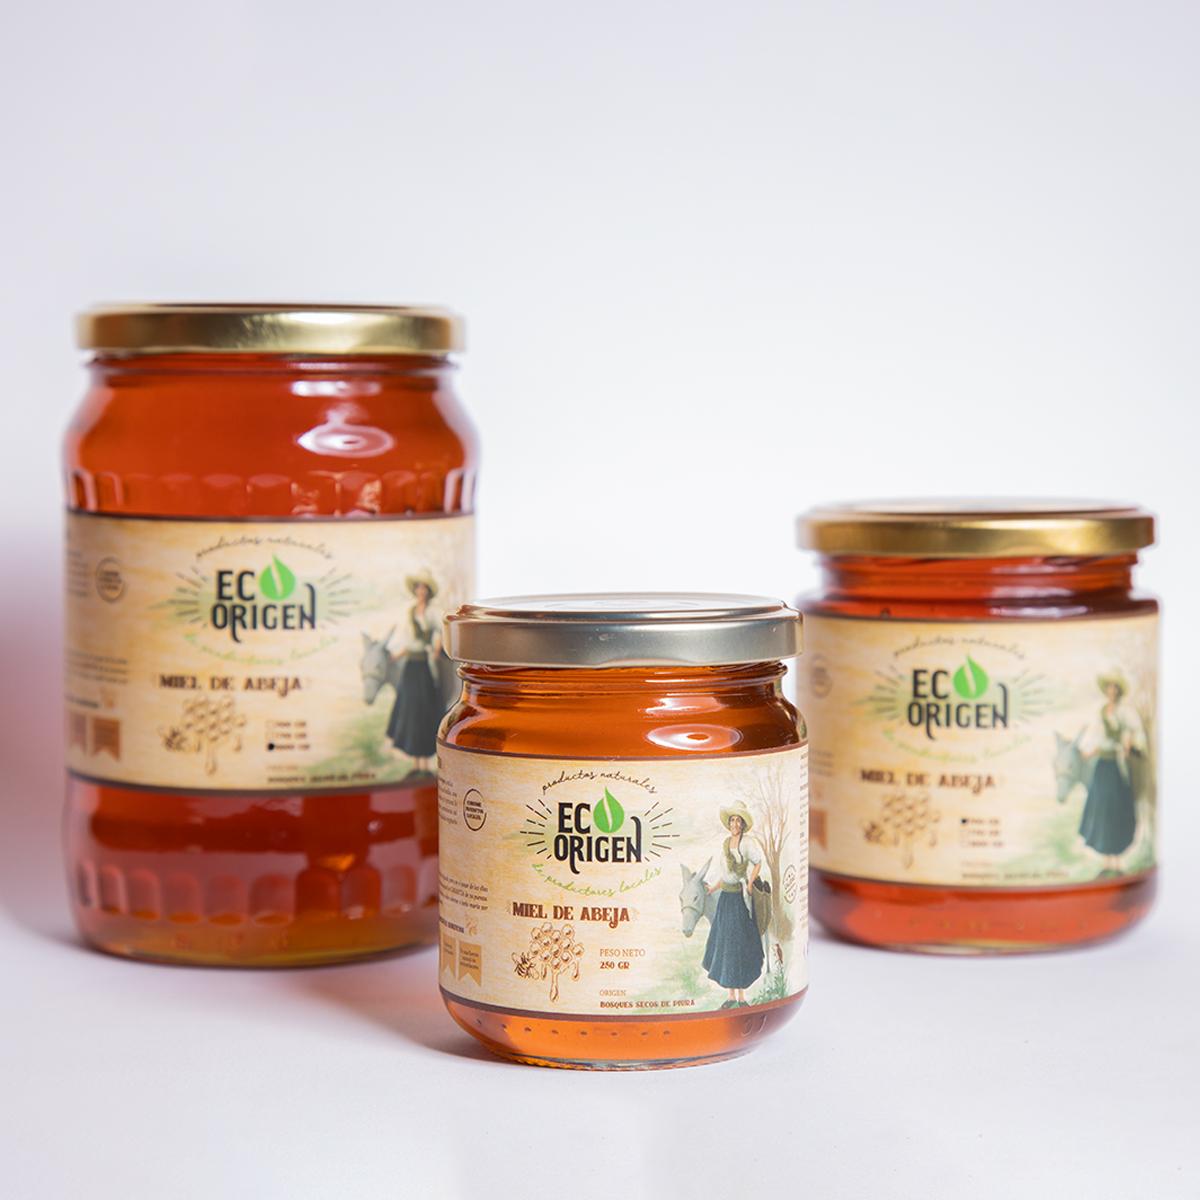 Miel de abeja Eco Origen de Piura